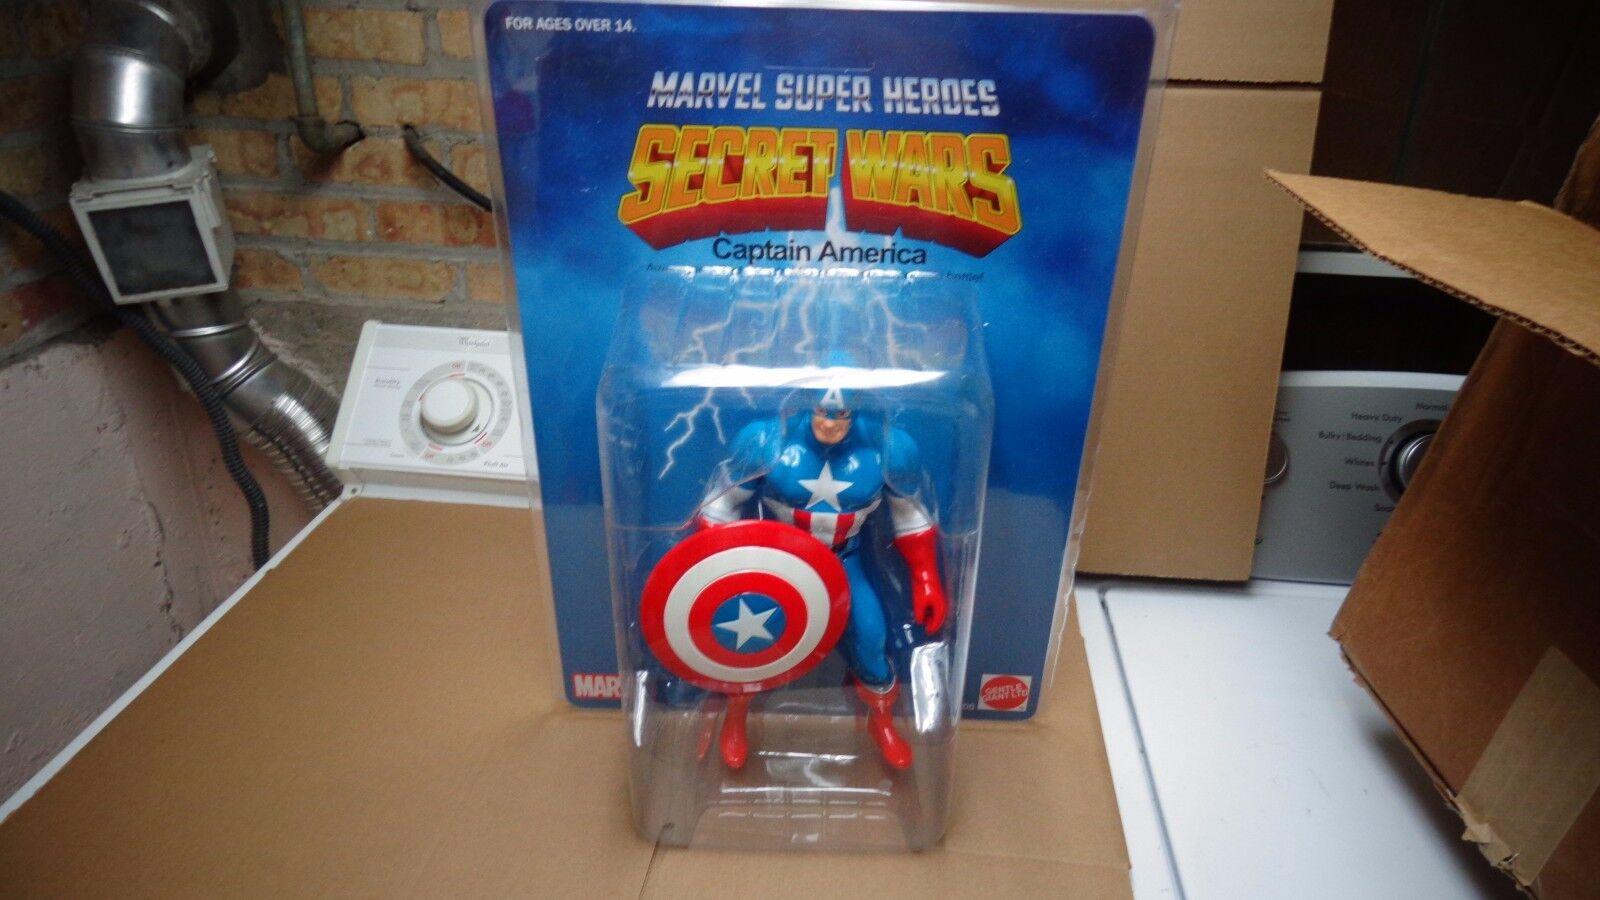 Marvel - superhelden captain america 12 geheime kriege jumbo